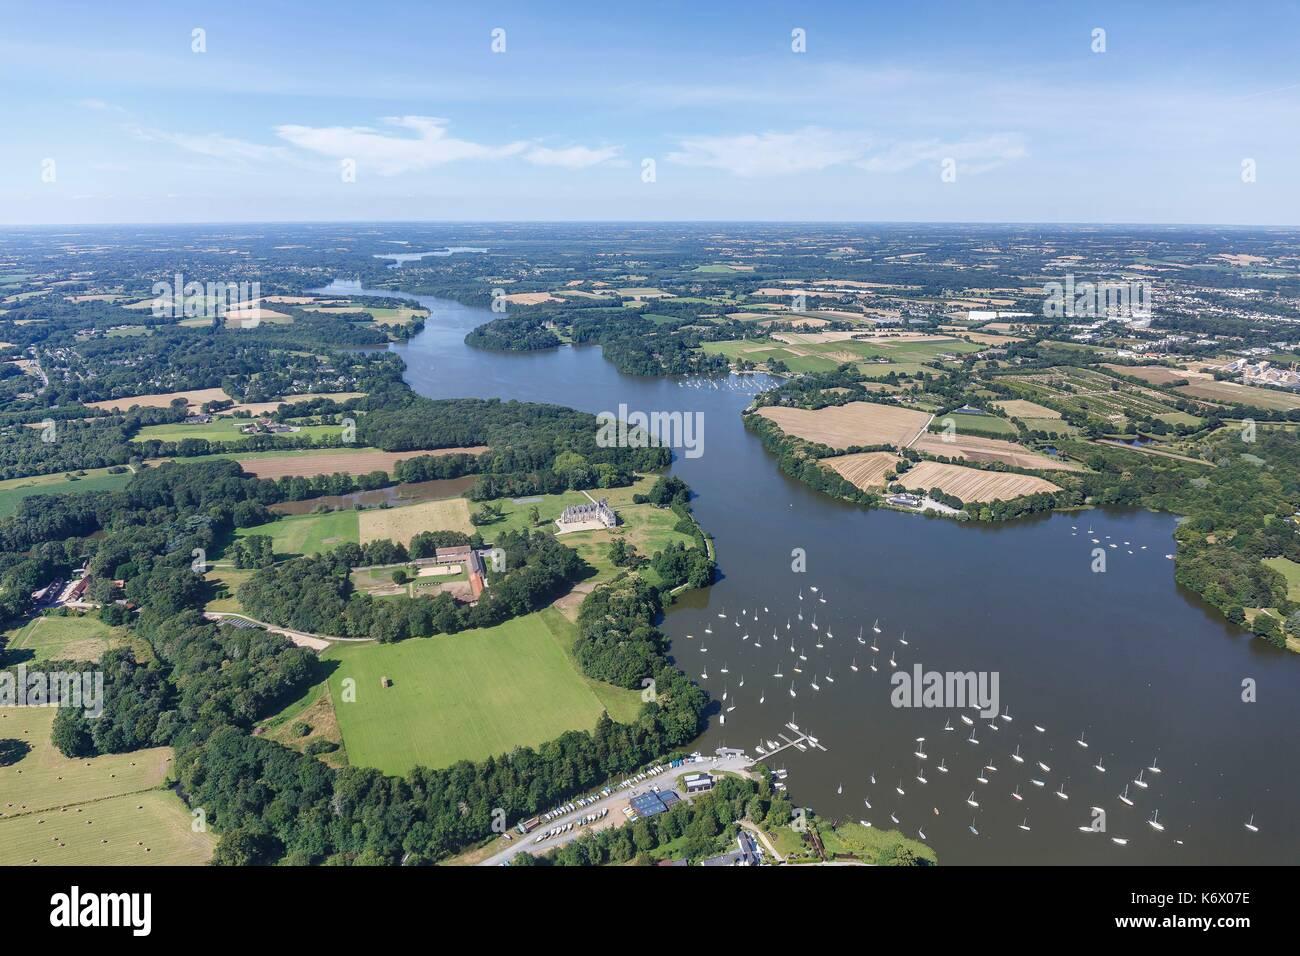 France, Loire Atlantique, La Chapelle sur Erdre, boats on l'Erdre river (aerial view) Stock Photo